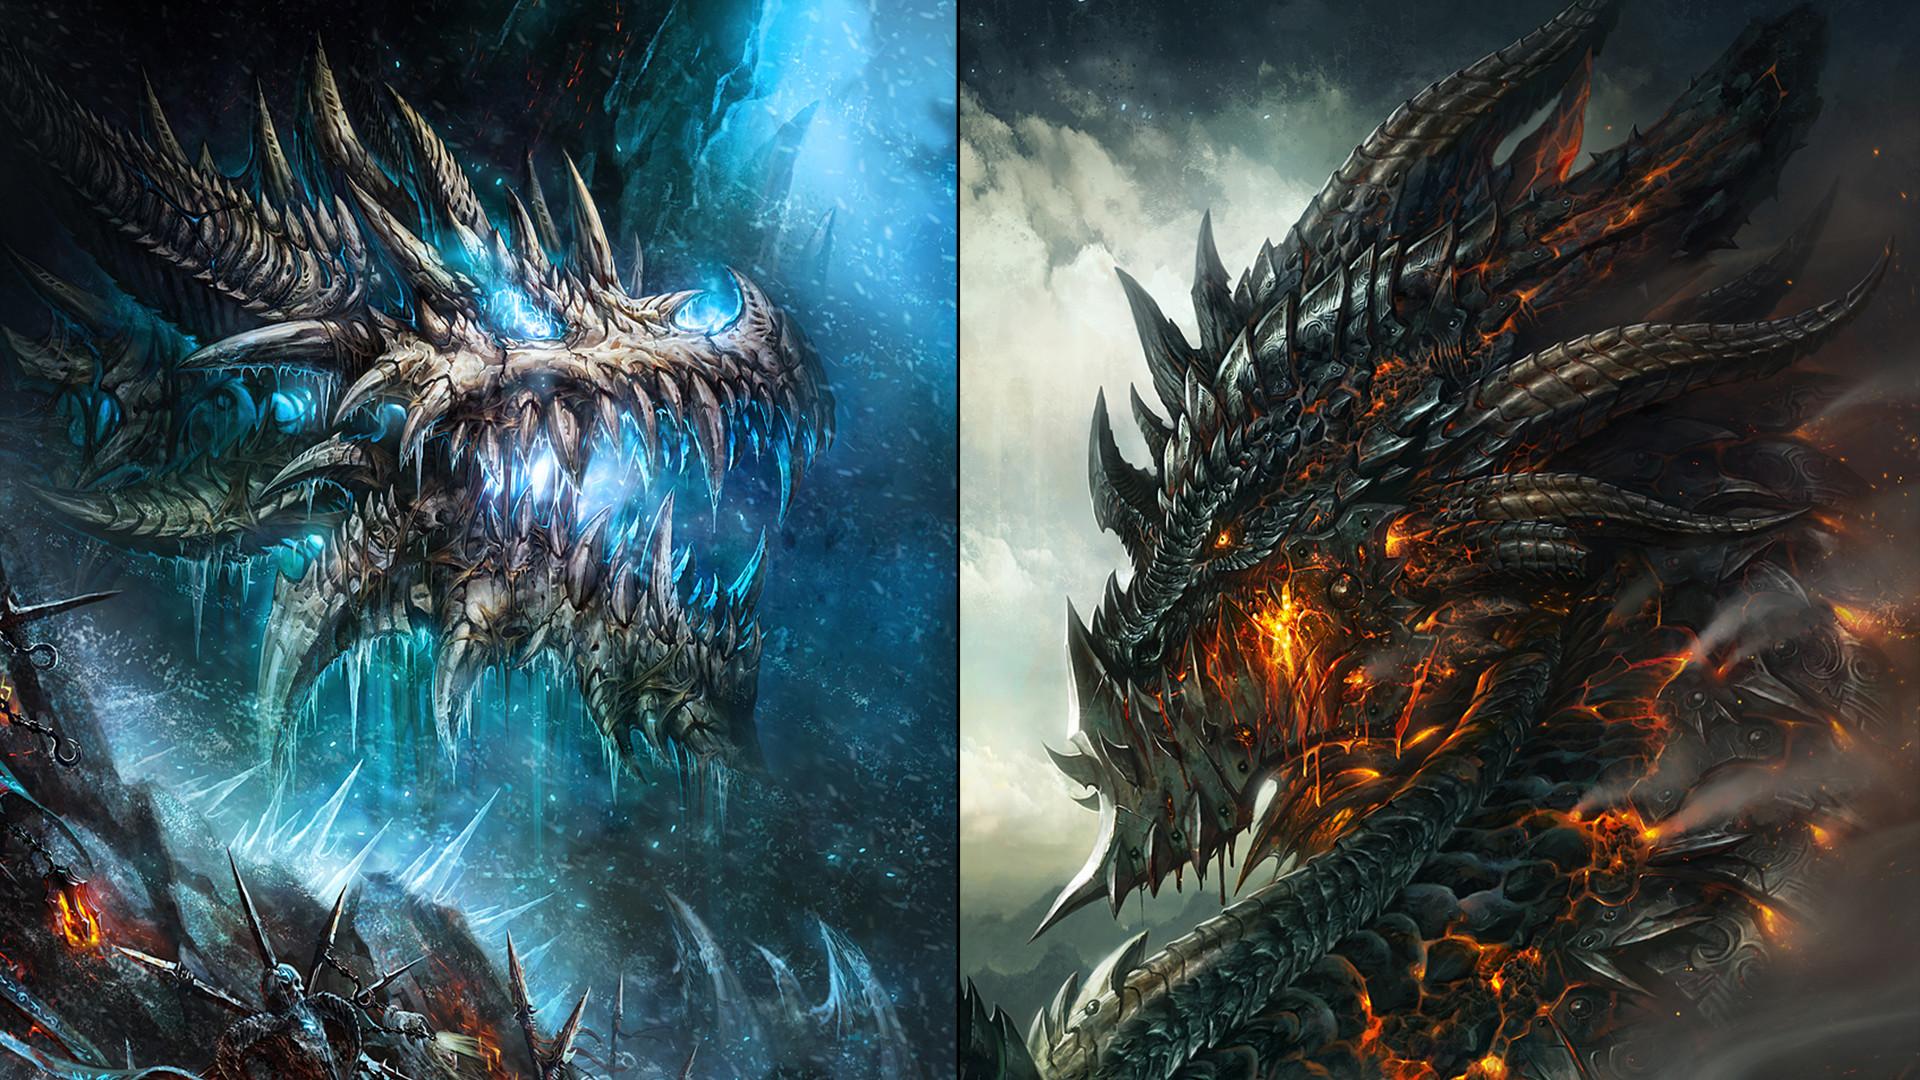 WoW Dragon Wallpaper 2 by slimebuck WoW Dragon Wallpaper 2 by slimebuck